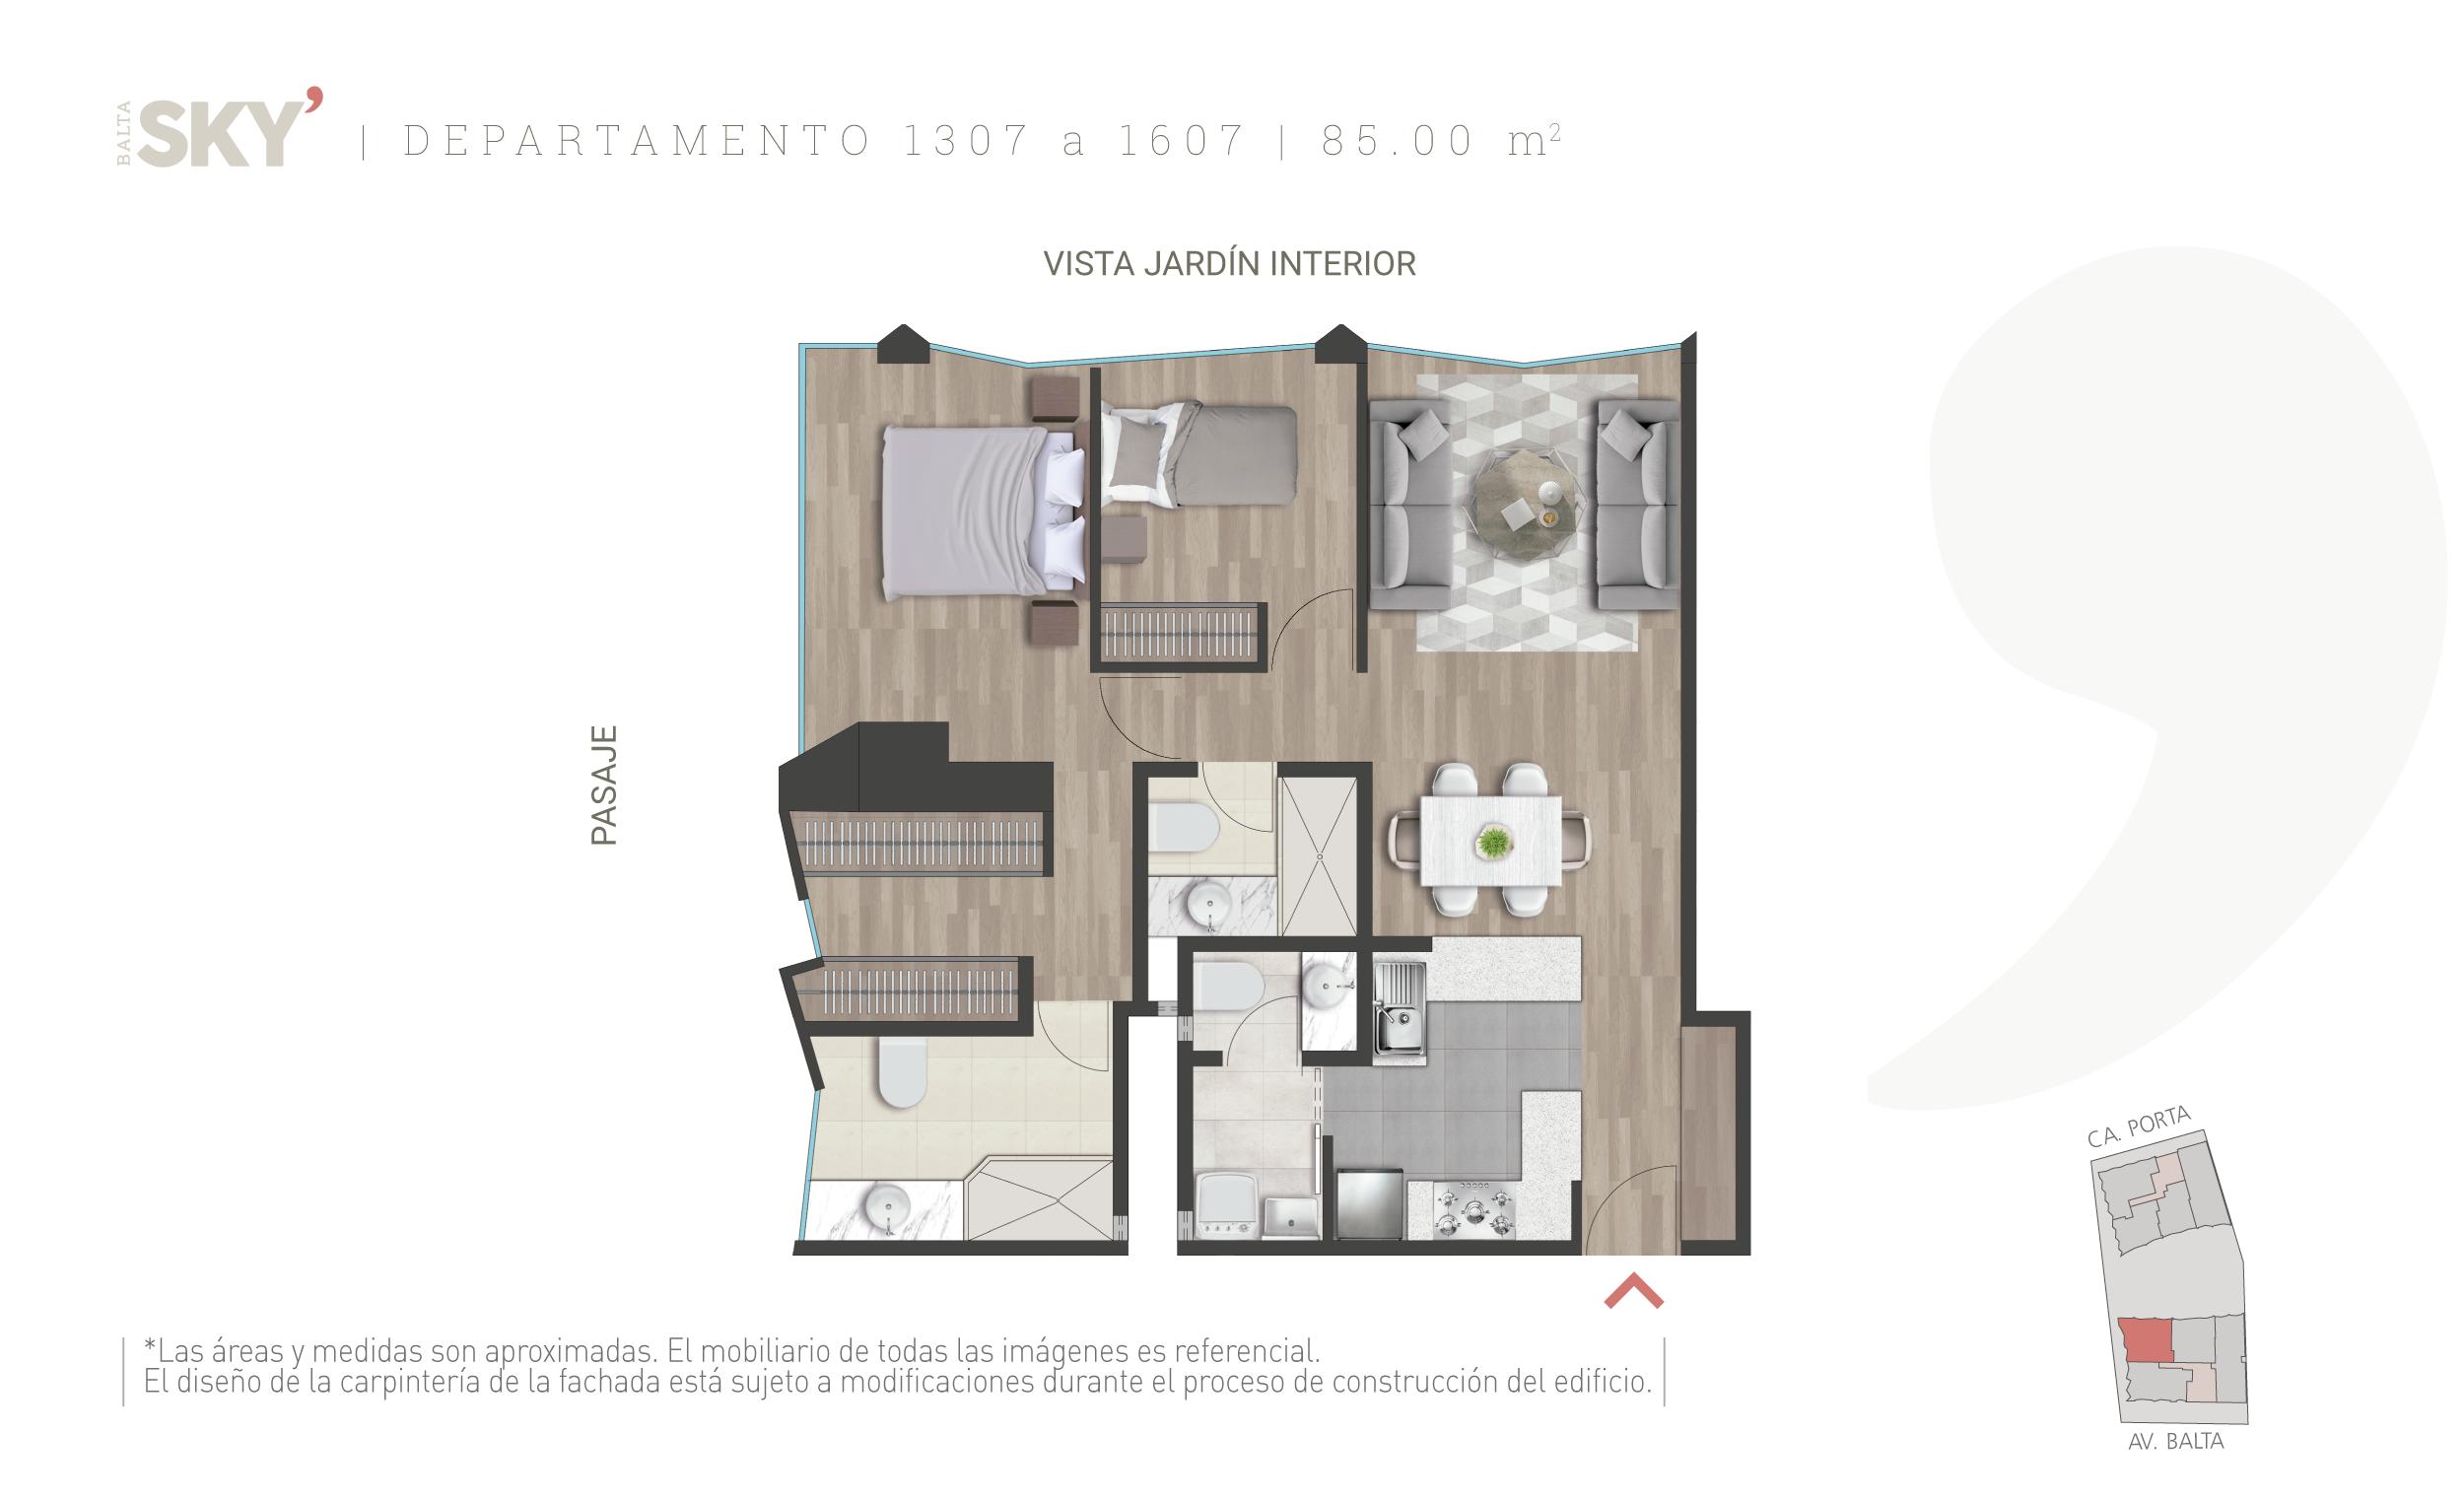 Departamento del 1307 - 1607